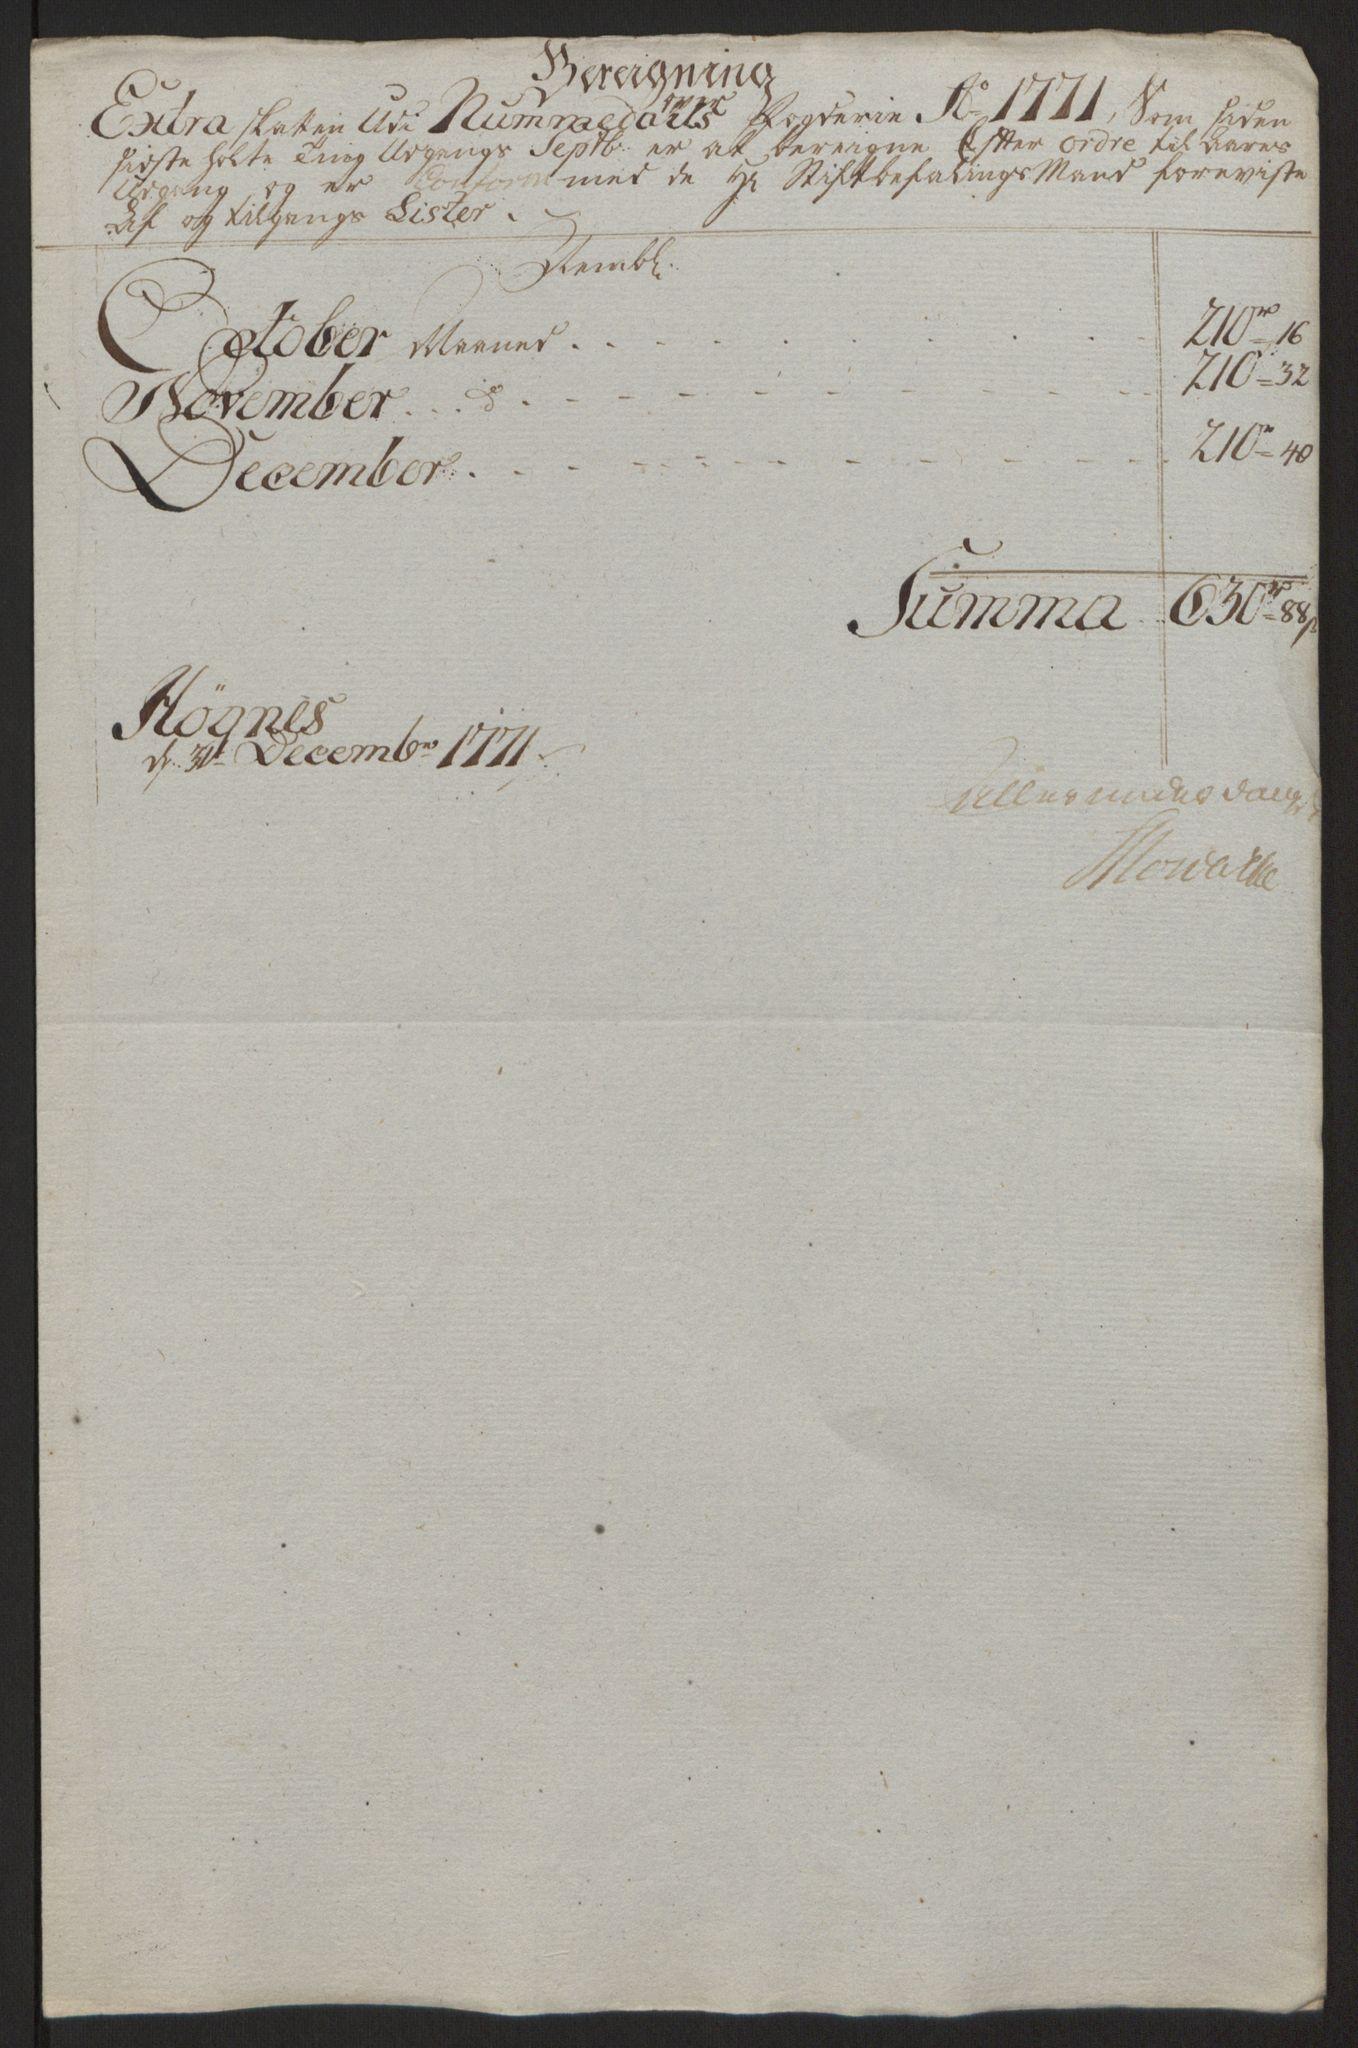 RA, Rentekammeret inntil 1814, Reviderte regnskaper, Fogderegnskap, R64/L4502: Ekstraskatten Namdal, 1762-1772, s. 420